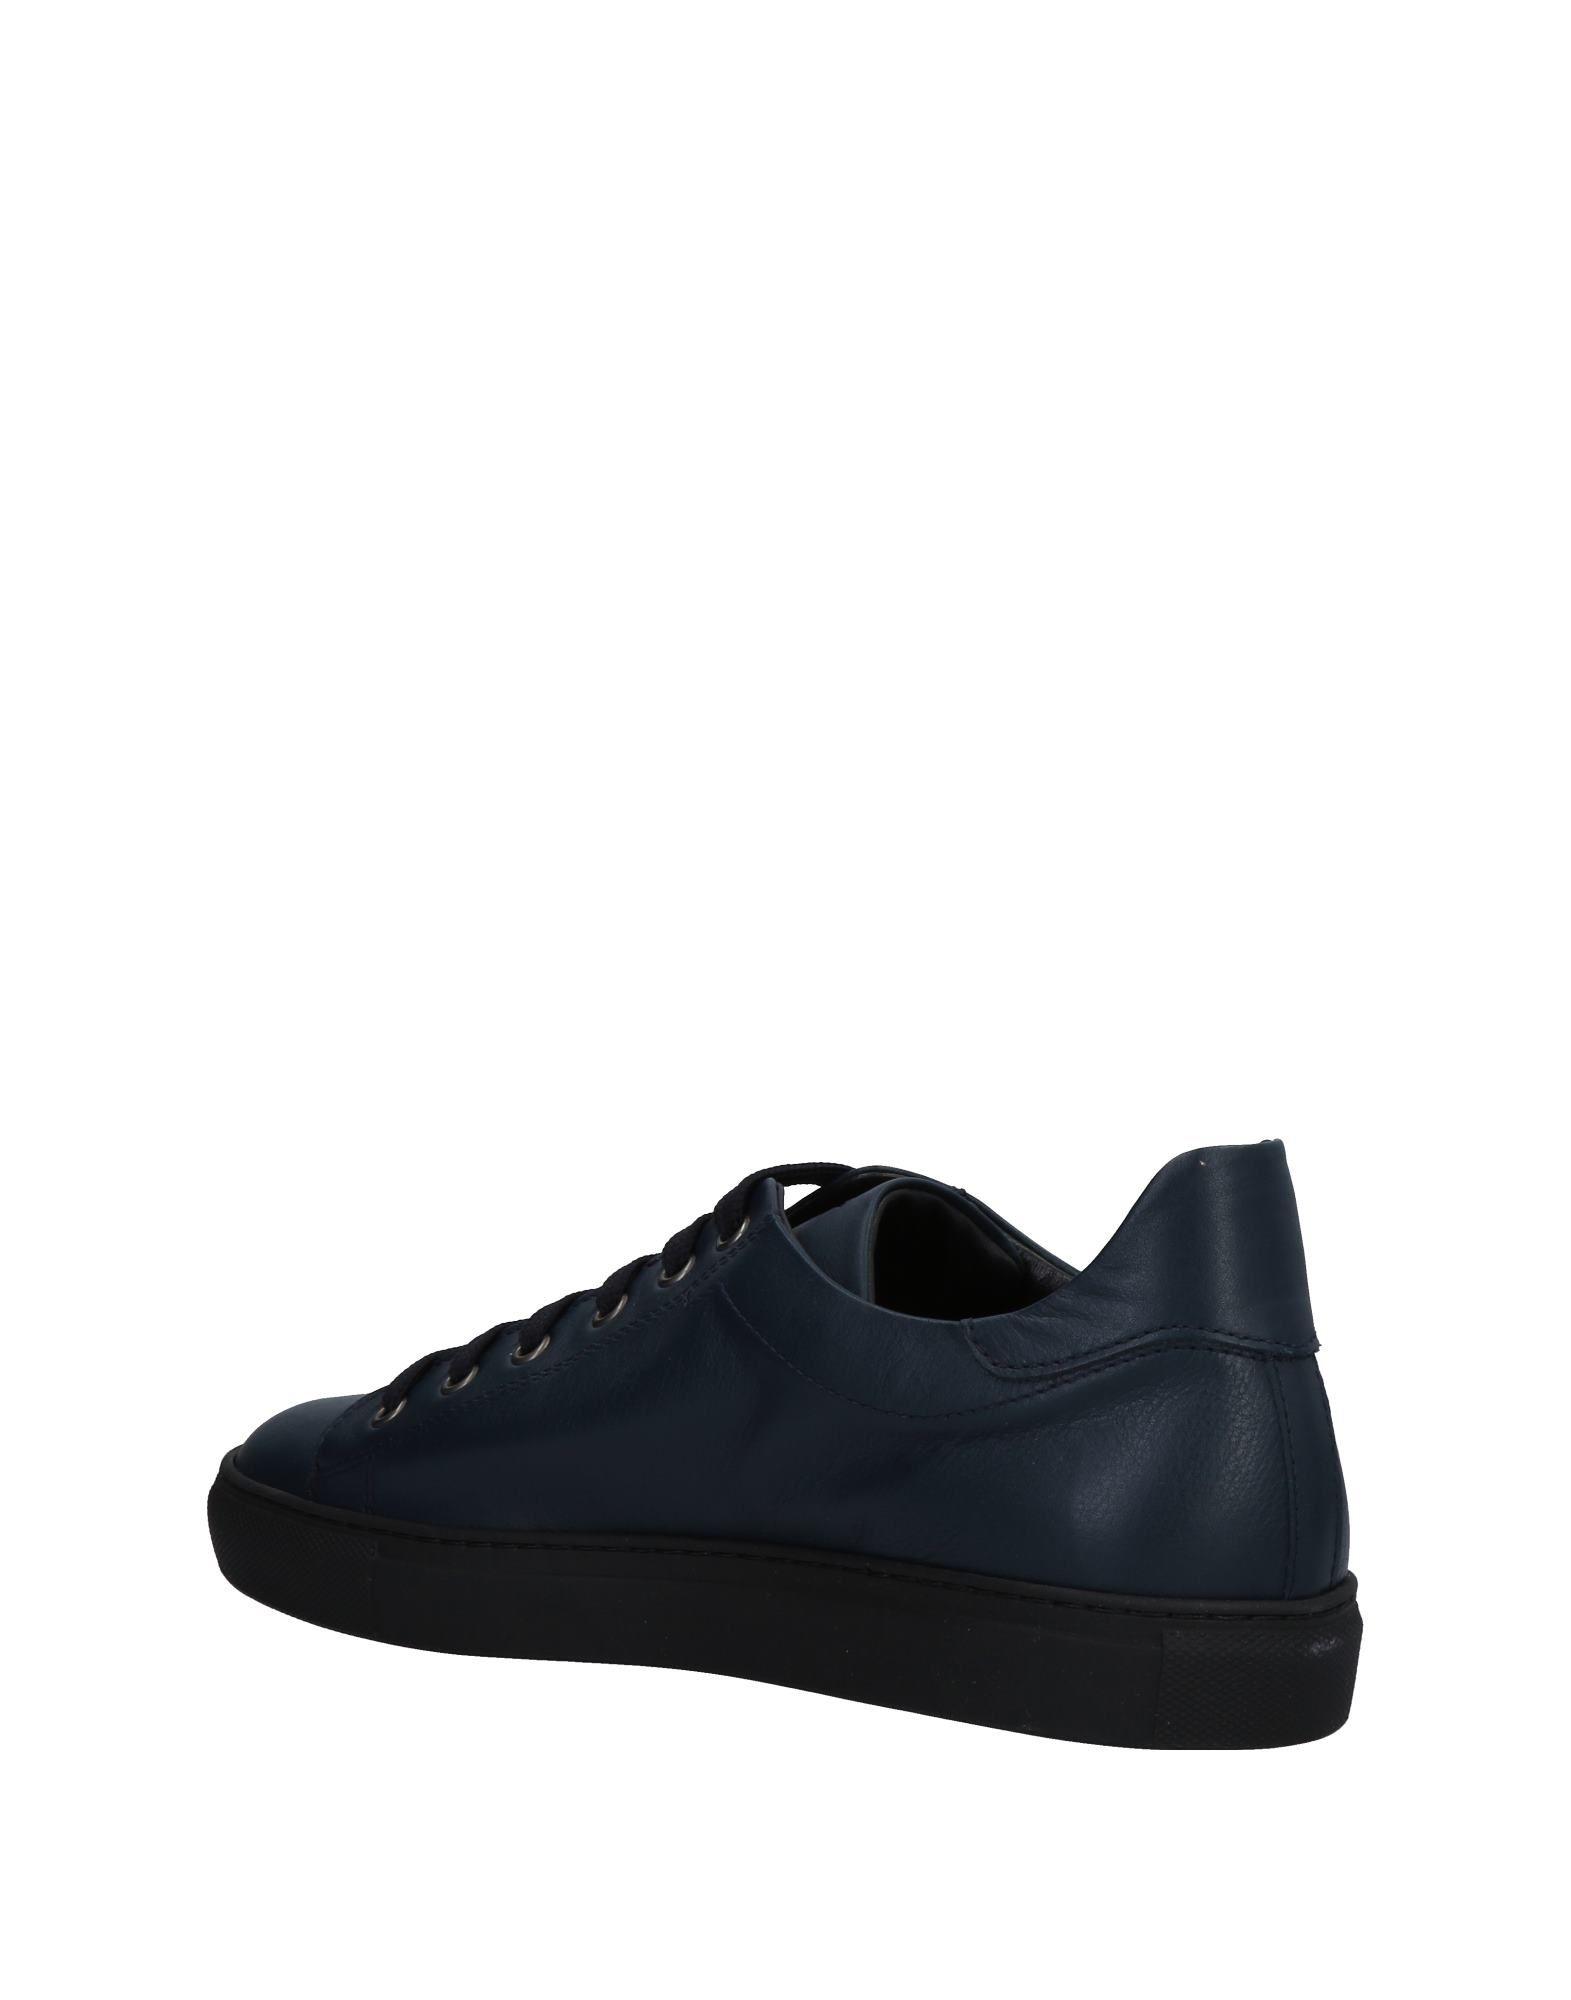 Rabatt echte Schuhe Tombolini Sneakers Herren  11469167KT